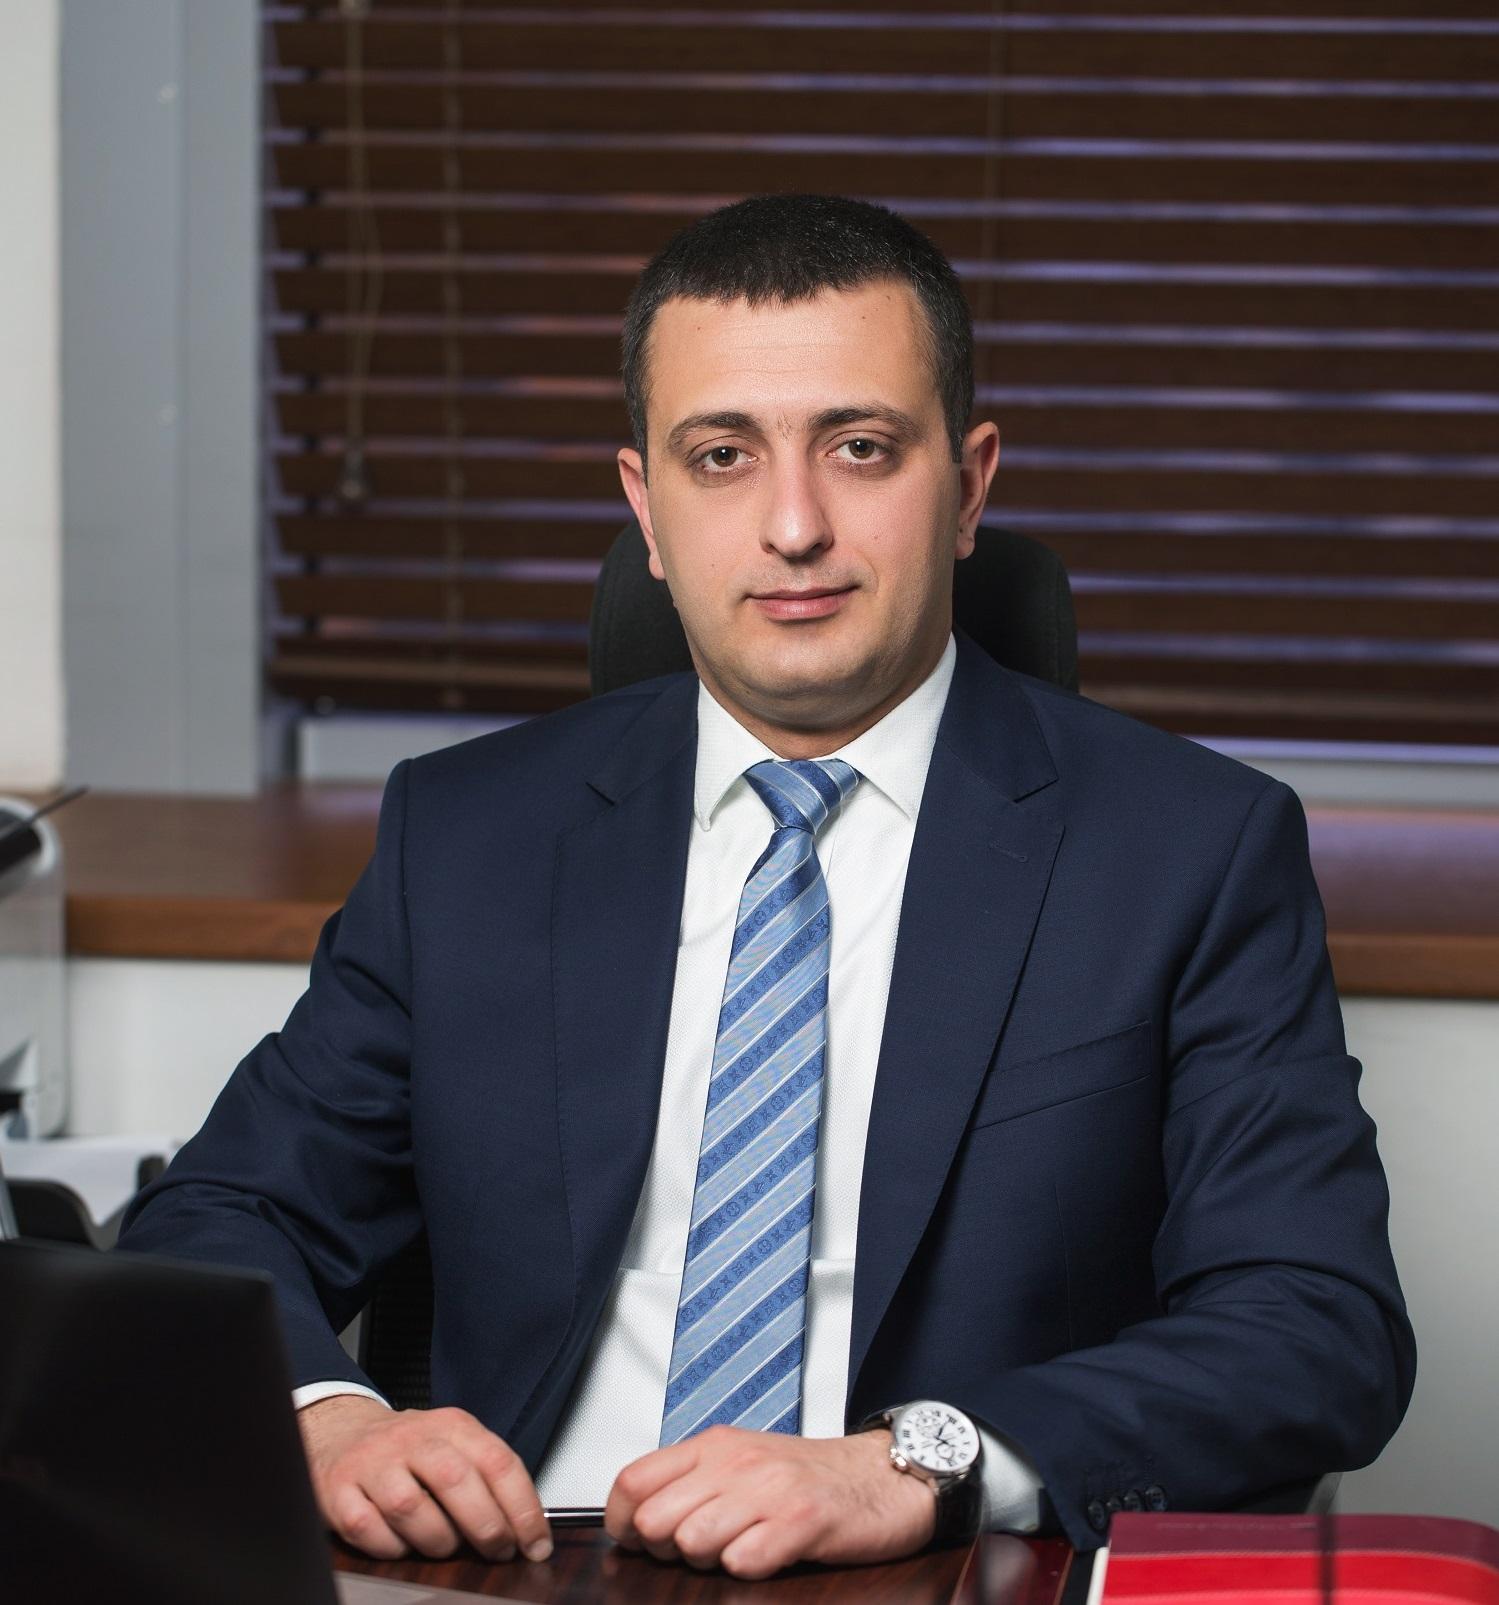 Фарид Хидаятзаде: «Наша главная цель – стать близким другом и советником предпринимателей»